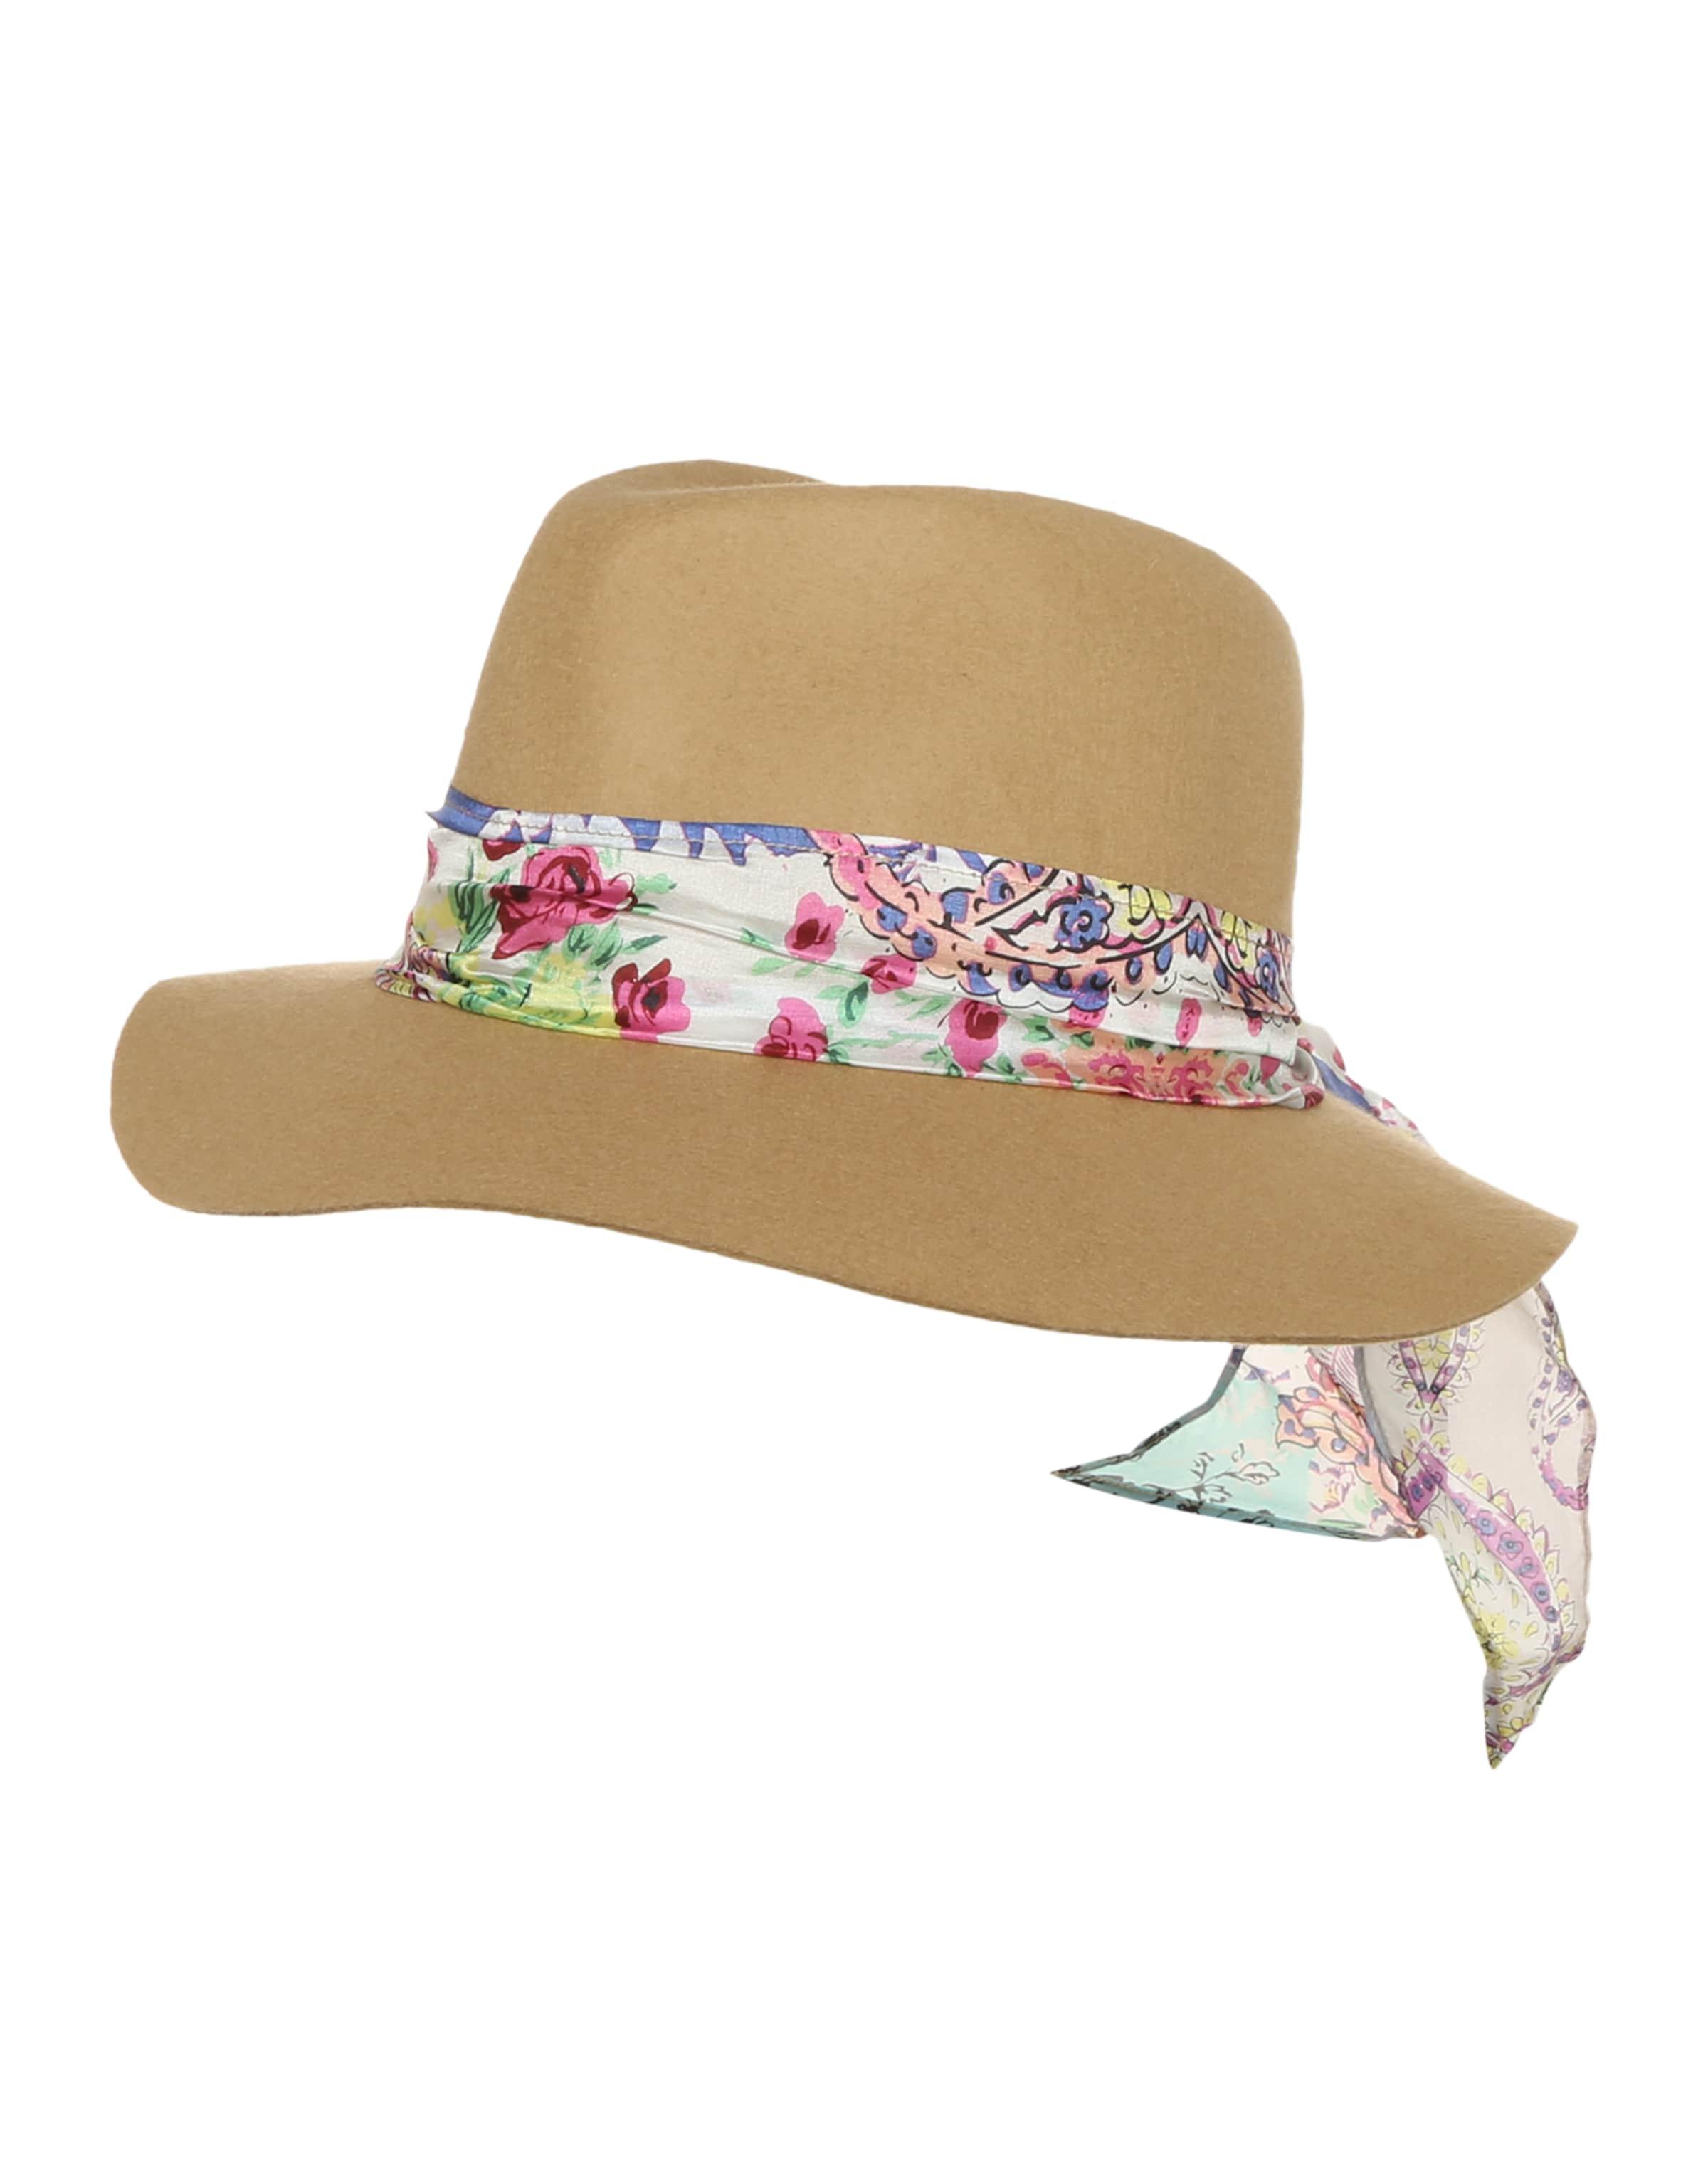 Billig Verkauf Limitierter Auflage Rabatt-Outlet-Store CODELLO Hut aus Wolle mit Hutband in floralem Print Spielraum Sammlungen 7qHEnh